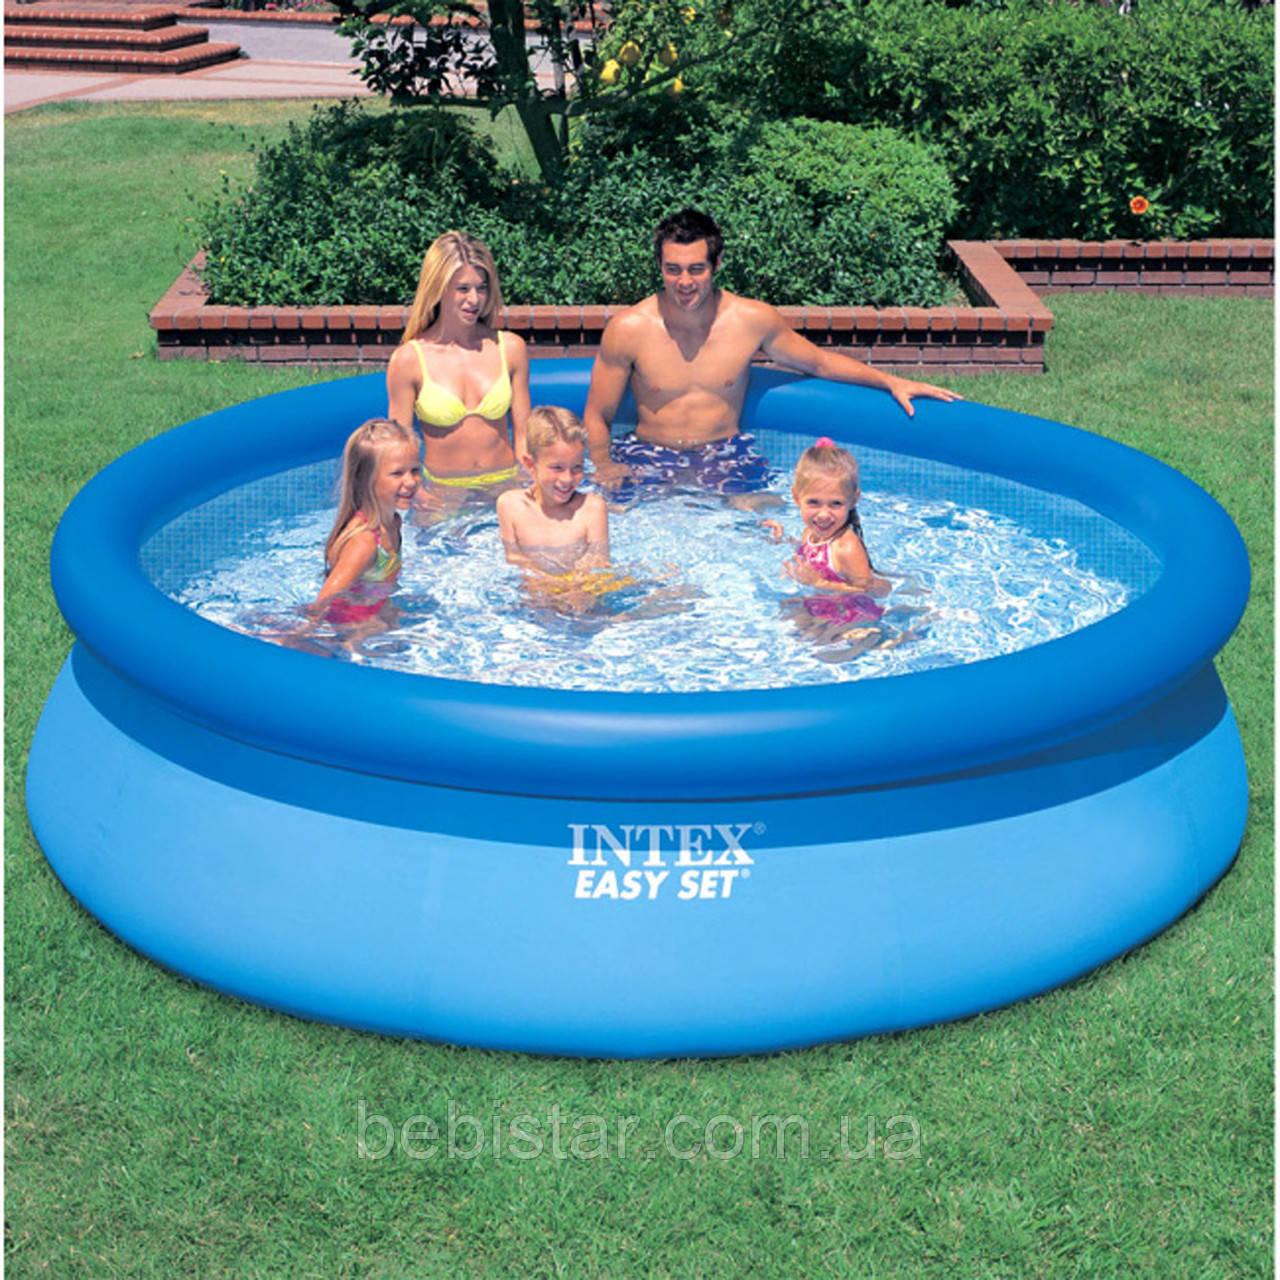 Детский надувной бассейн Intex размер 244*76 см и насос 30 см для накачивания бассейнов надувных кругов мячей